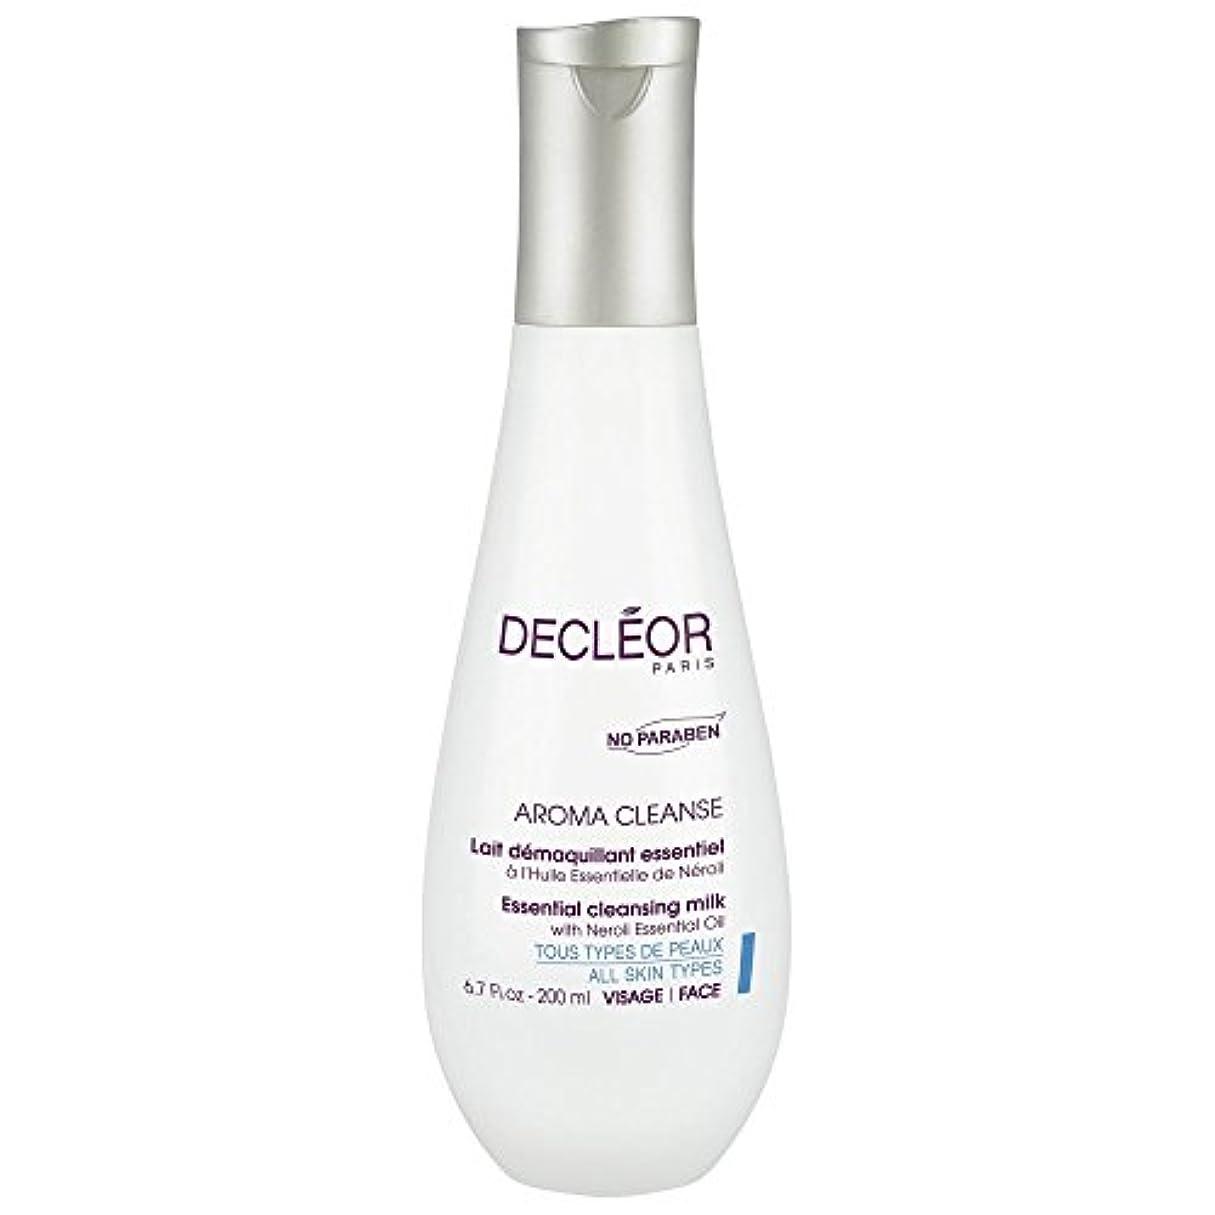 いう空中胸[Decl?or] ネロリエッセンシャルオイル、200ミリリットルとデクレオール不可欠なクレンジングミルク - Decl?or Essential Cleansing Milk With Neroli Essential...